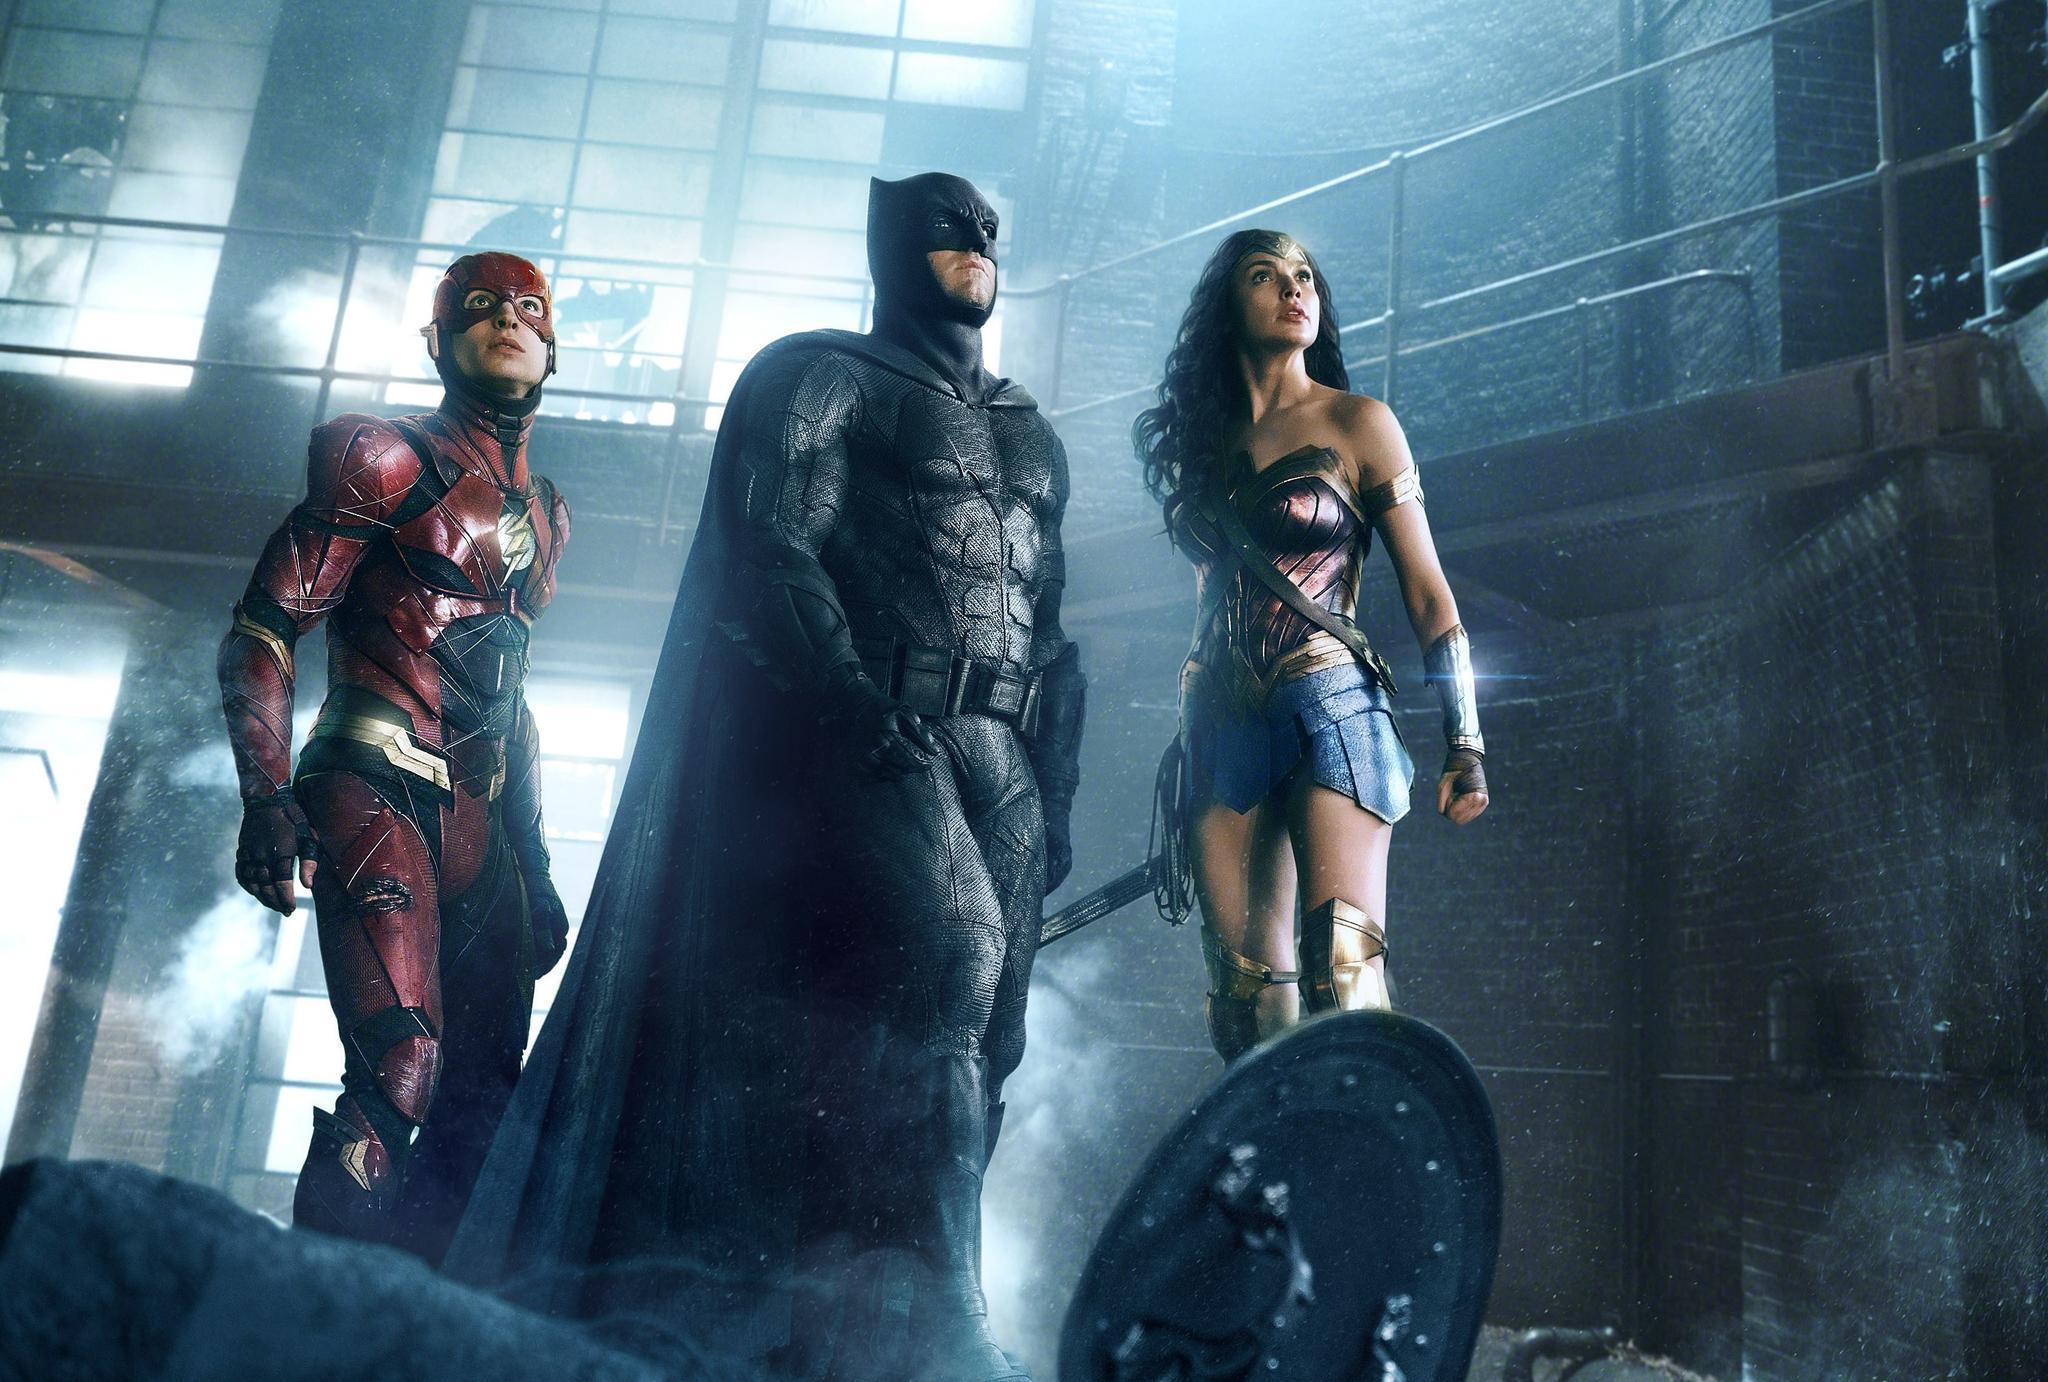 《正义联盟》发布幕后特辑 众超级英雄各显其能